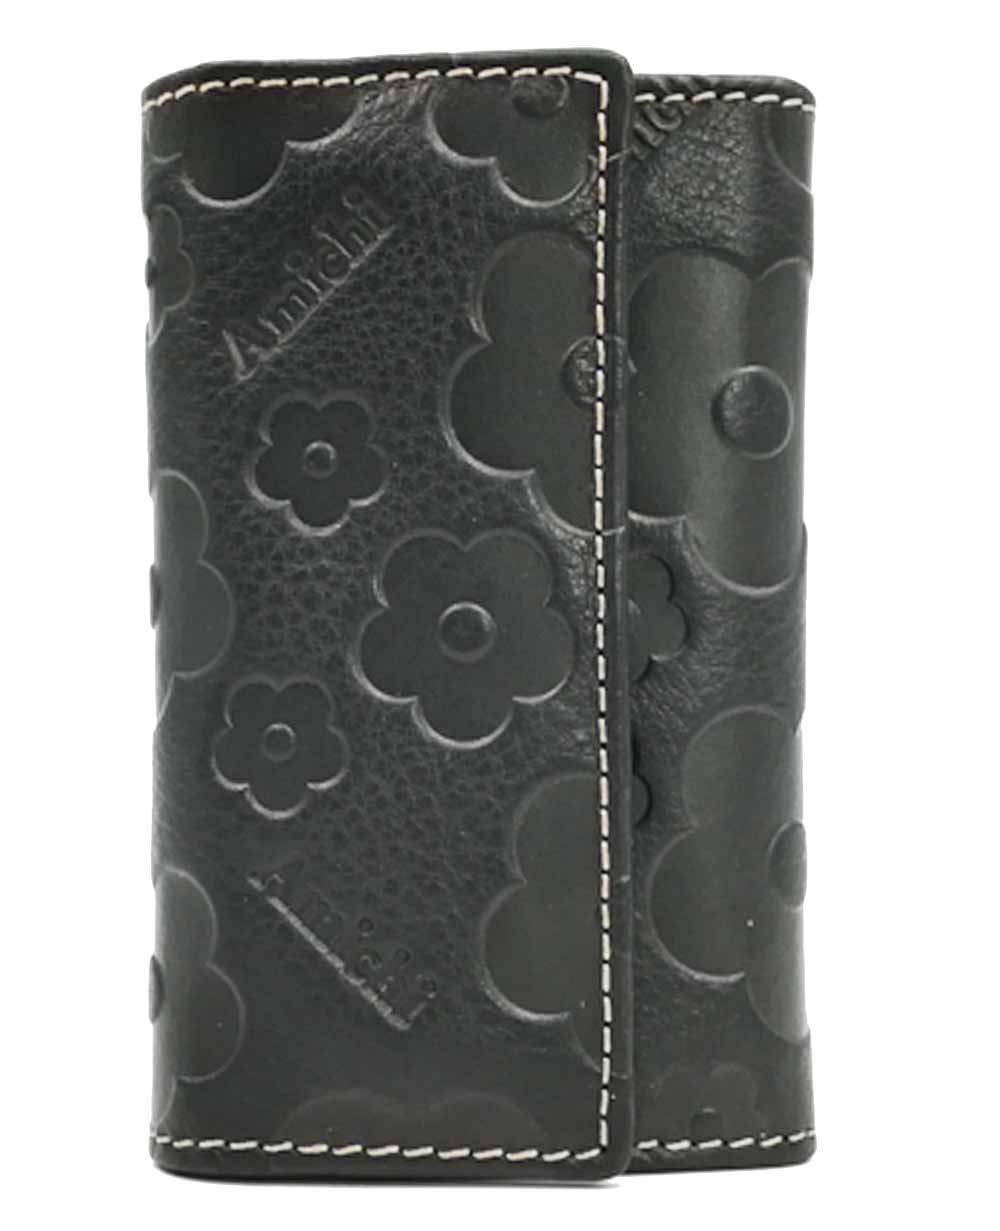 Amichi Búfalo Llavero Piel Negro 10cm 0.05Kg: Amazon.es ...